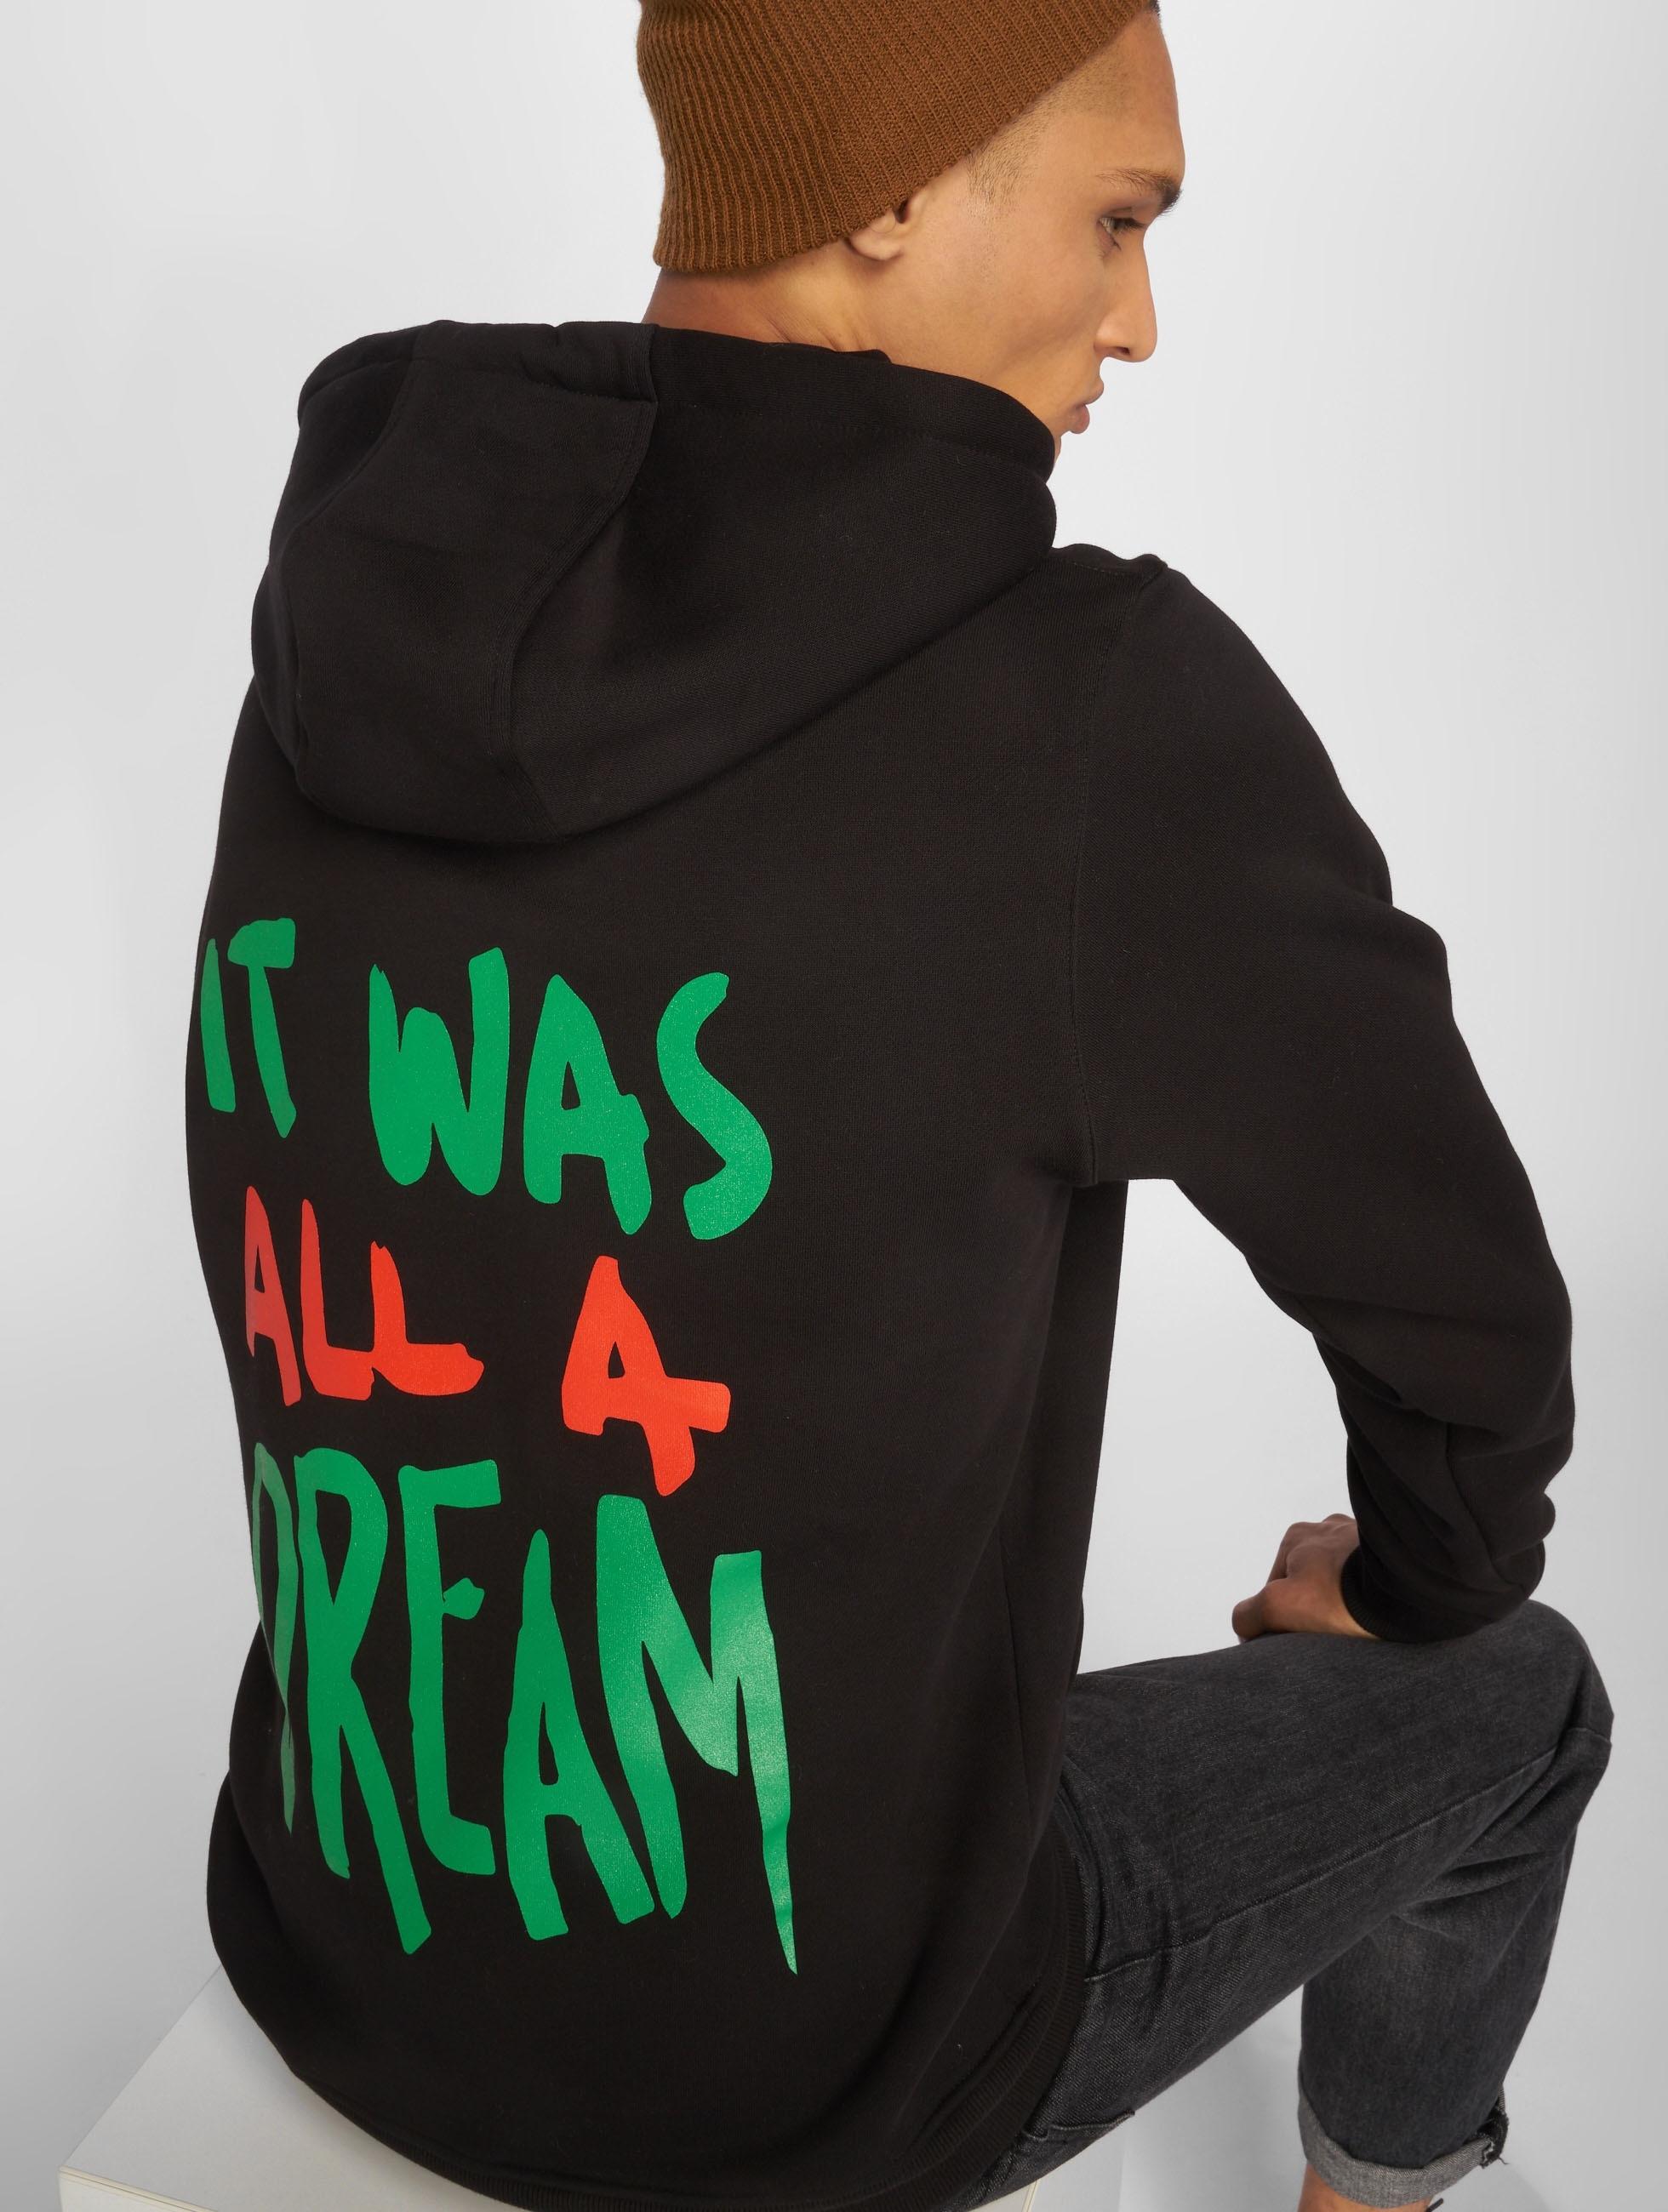 Mister Tee Hoody A Dream zwart